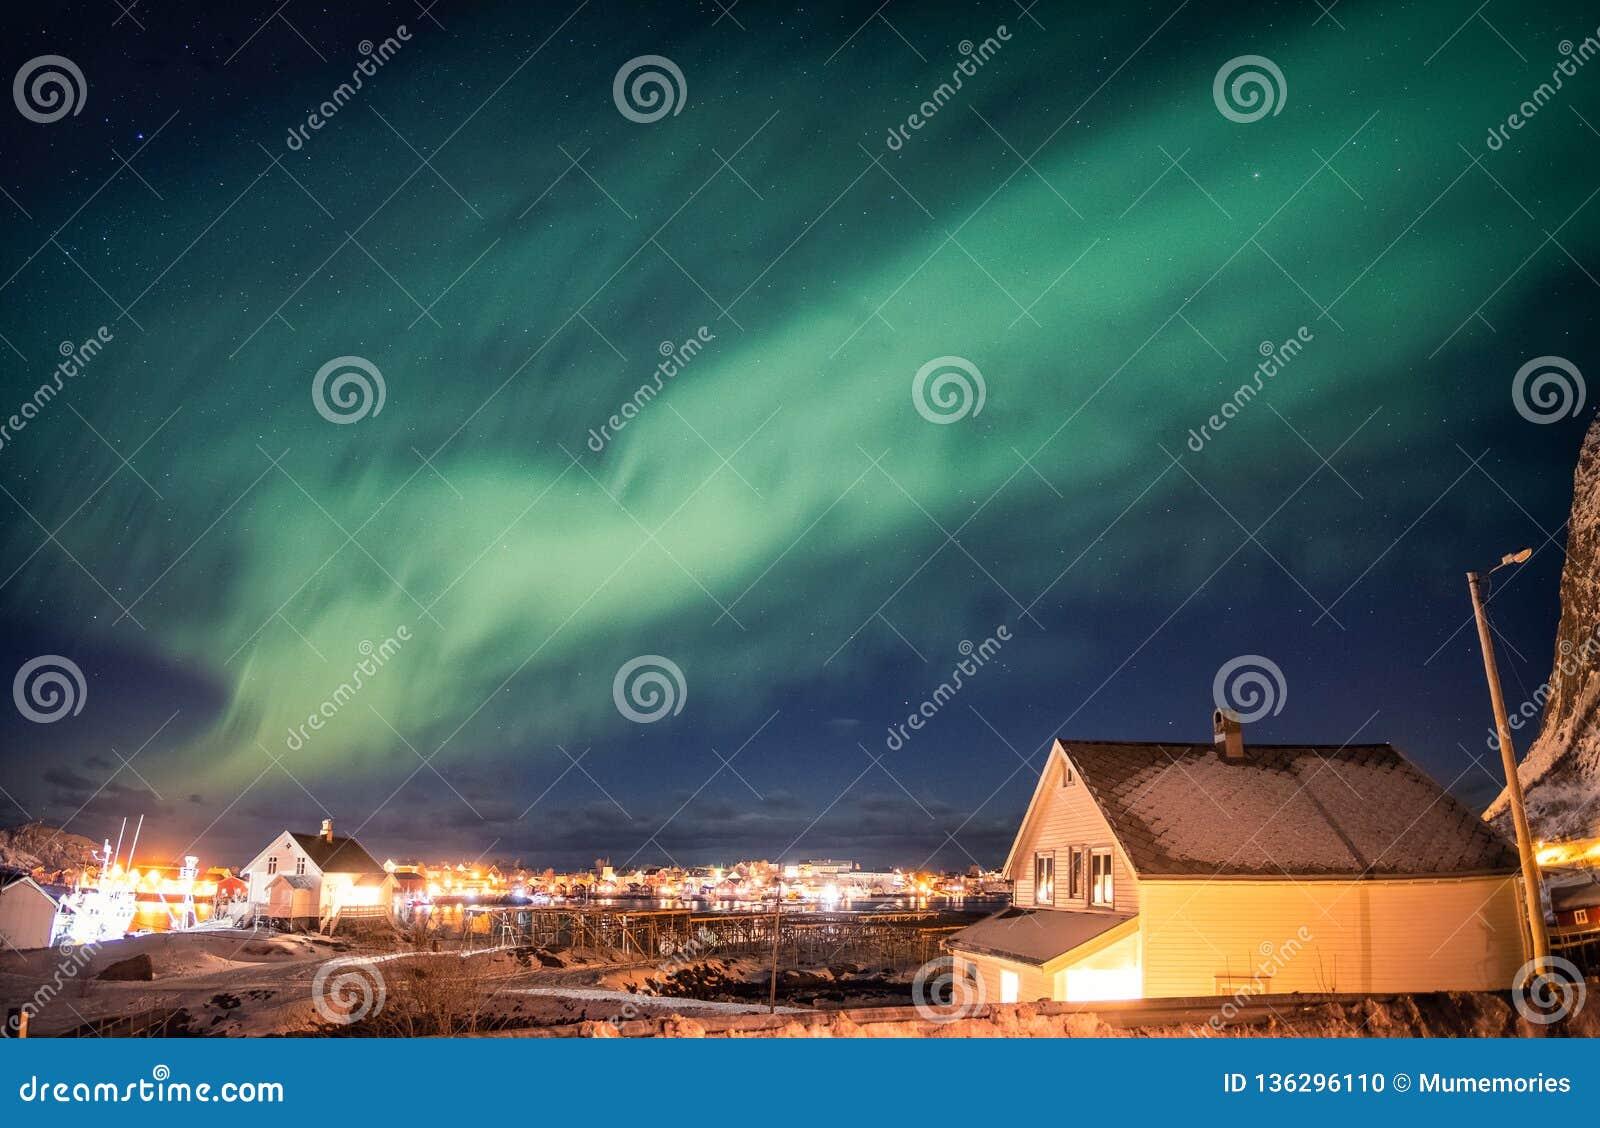 Dança do aurora borealis sobre a vila escandinava